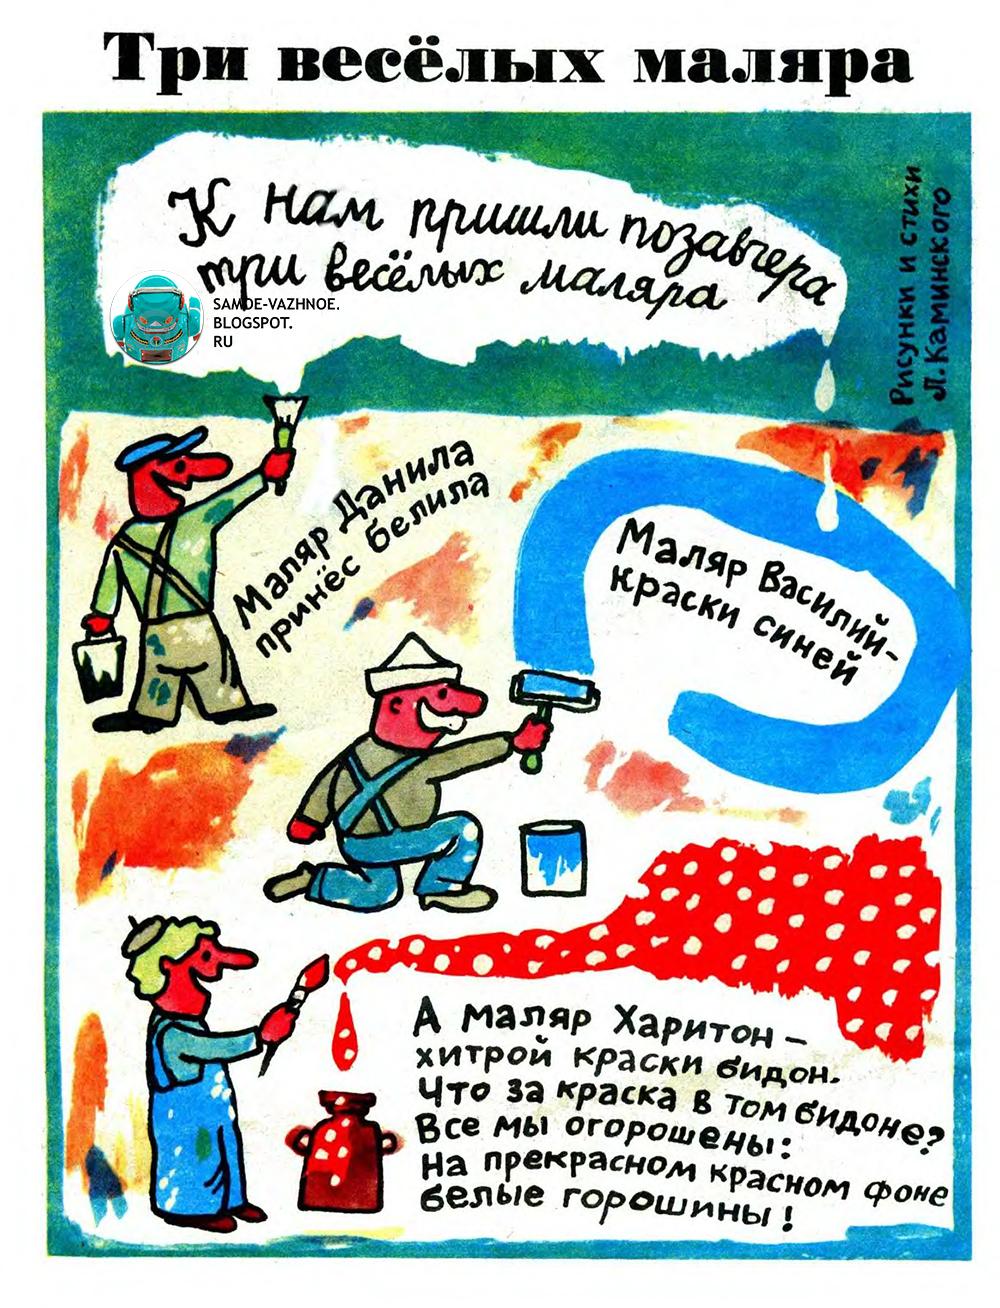 Журнал Весёлые картинки 12 1979 три веселых маляра каминский